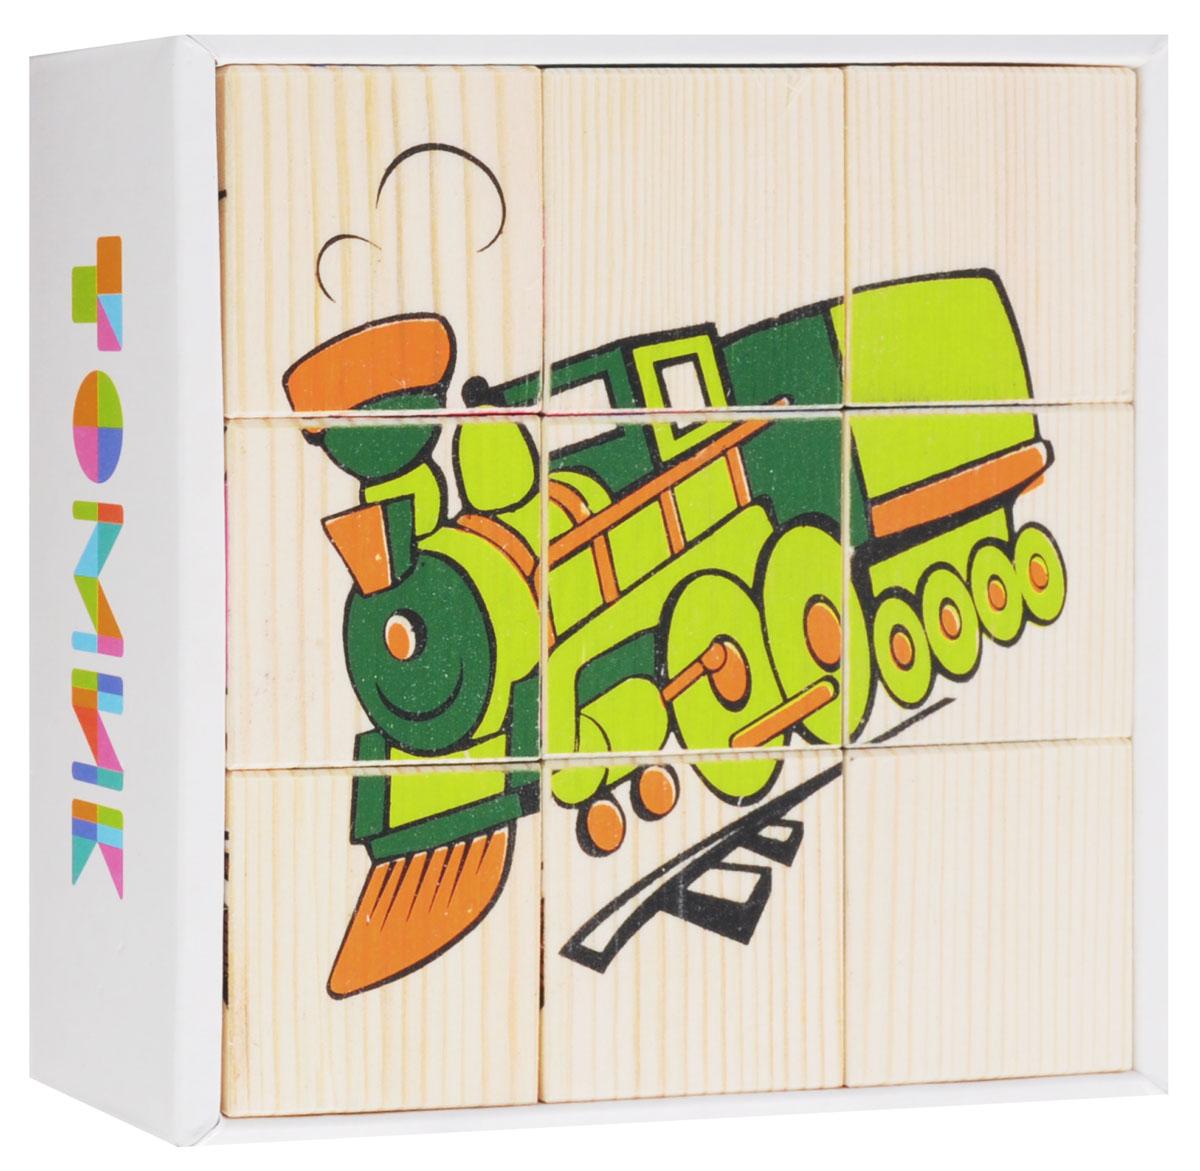 Томик Кубики Транспорт4444-1Кубики Томик Транспорт станут отличным подарком для малыша. Деревянные кубики с рисунками многие родители неслучайно выбирают в качестве одной из первых игрушек для своих малышей. Ведь это не только прекрасный строительный материал для детских замков, но и удобное пособие для развития зрительной памяти, логики и мелкой моторики у детей. Объясните ребенку, что на каждом кубике нанесены части картинки, которые надо собрать вместе. Покажите как, вращая кубик, можно найти необходимый кусочек изображения. С помощью кубиков можно собрать 6 разных изображений транспортных средств: автомобиль, паровоз, трактор, парусник, самолет, автобус.